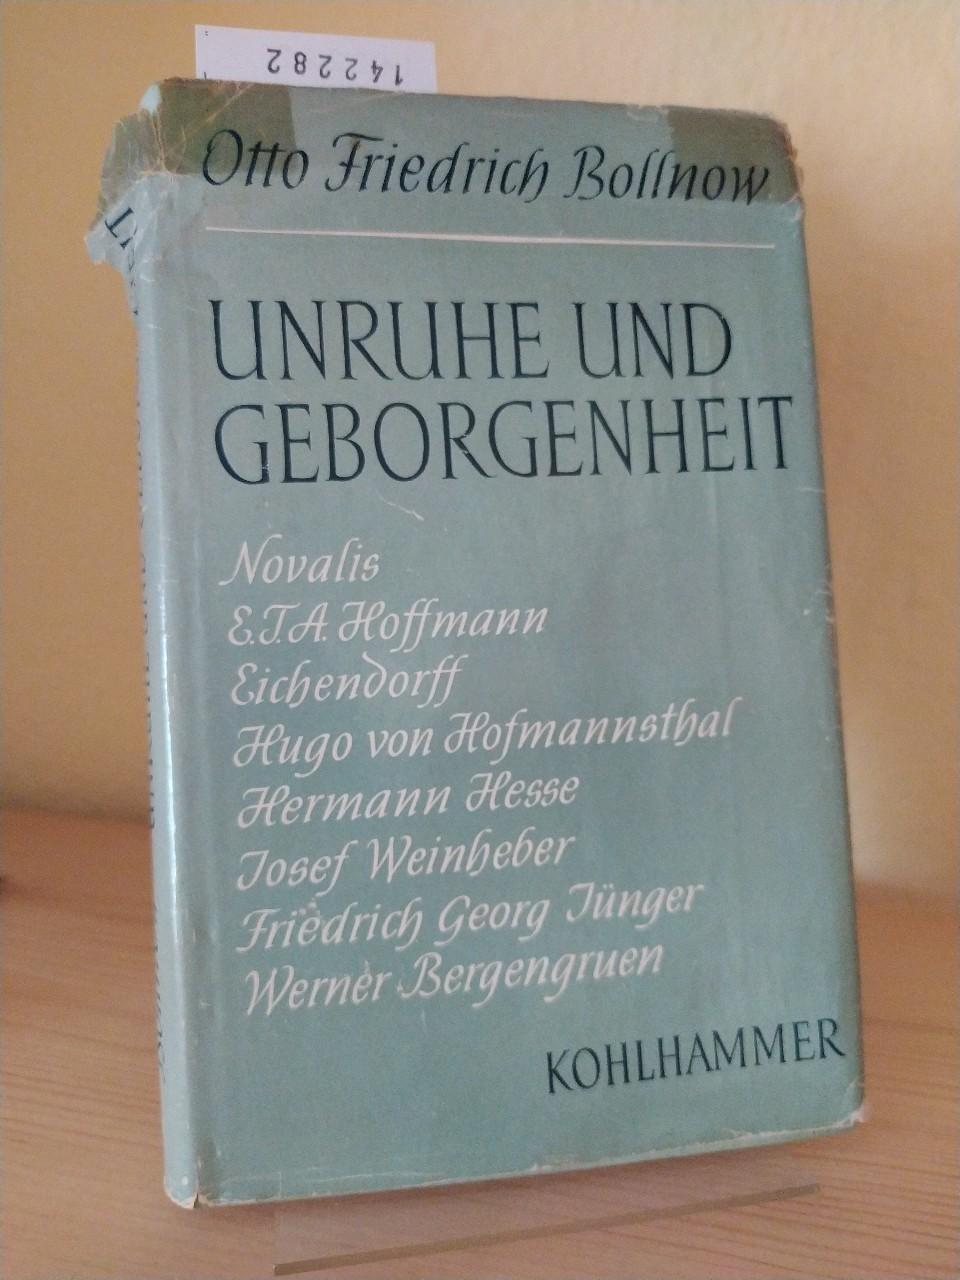 Unruhe und Geborgenheit im Weltbild neuerer Dichter. Acht Essais von Otto Friedrich Bollnow.